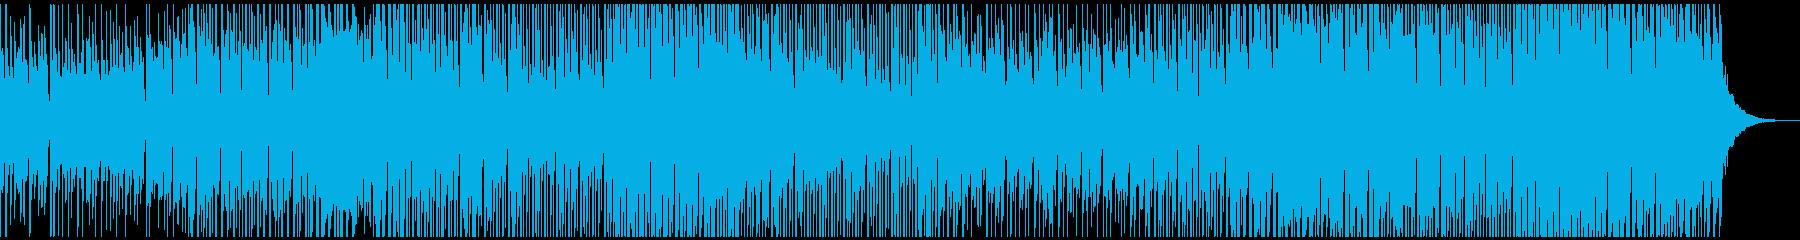 ハウス&ダンスミュージックの再生済みの波形